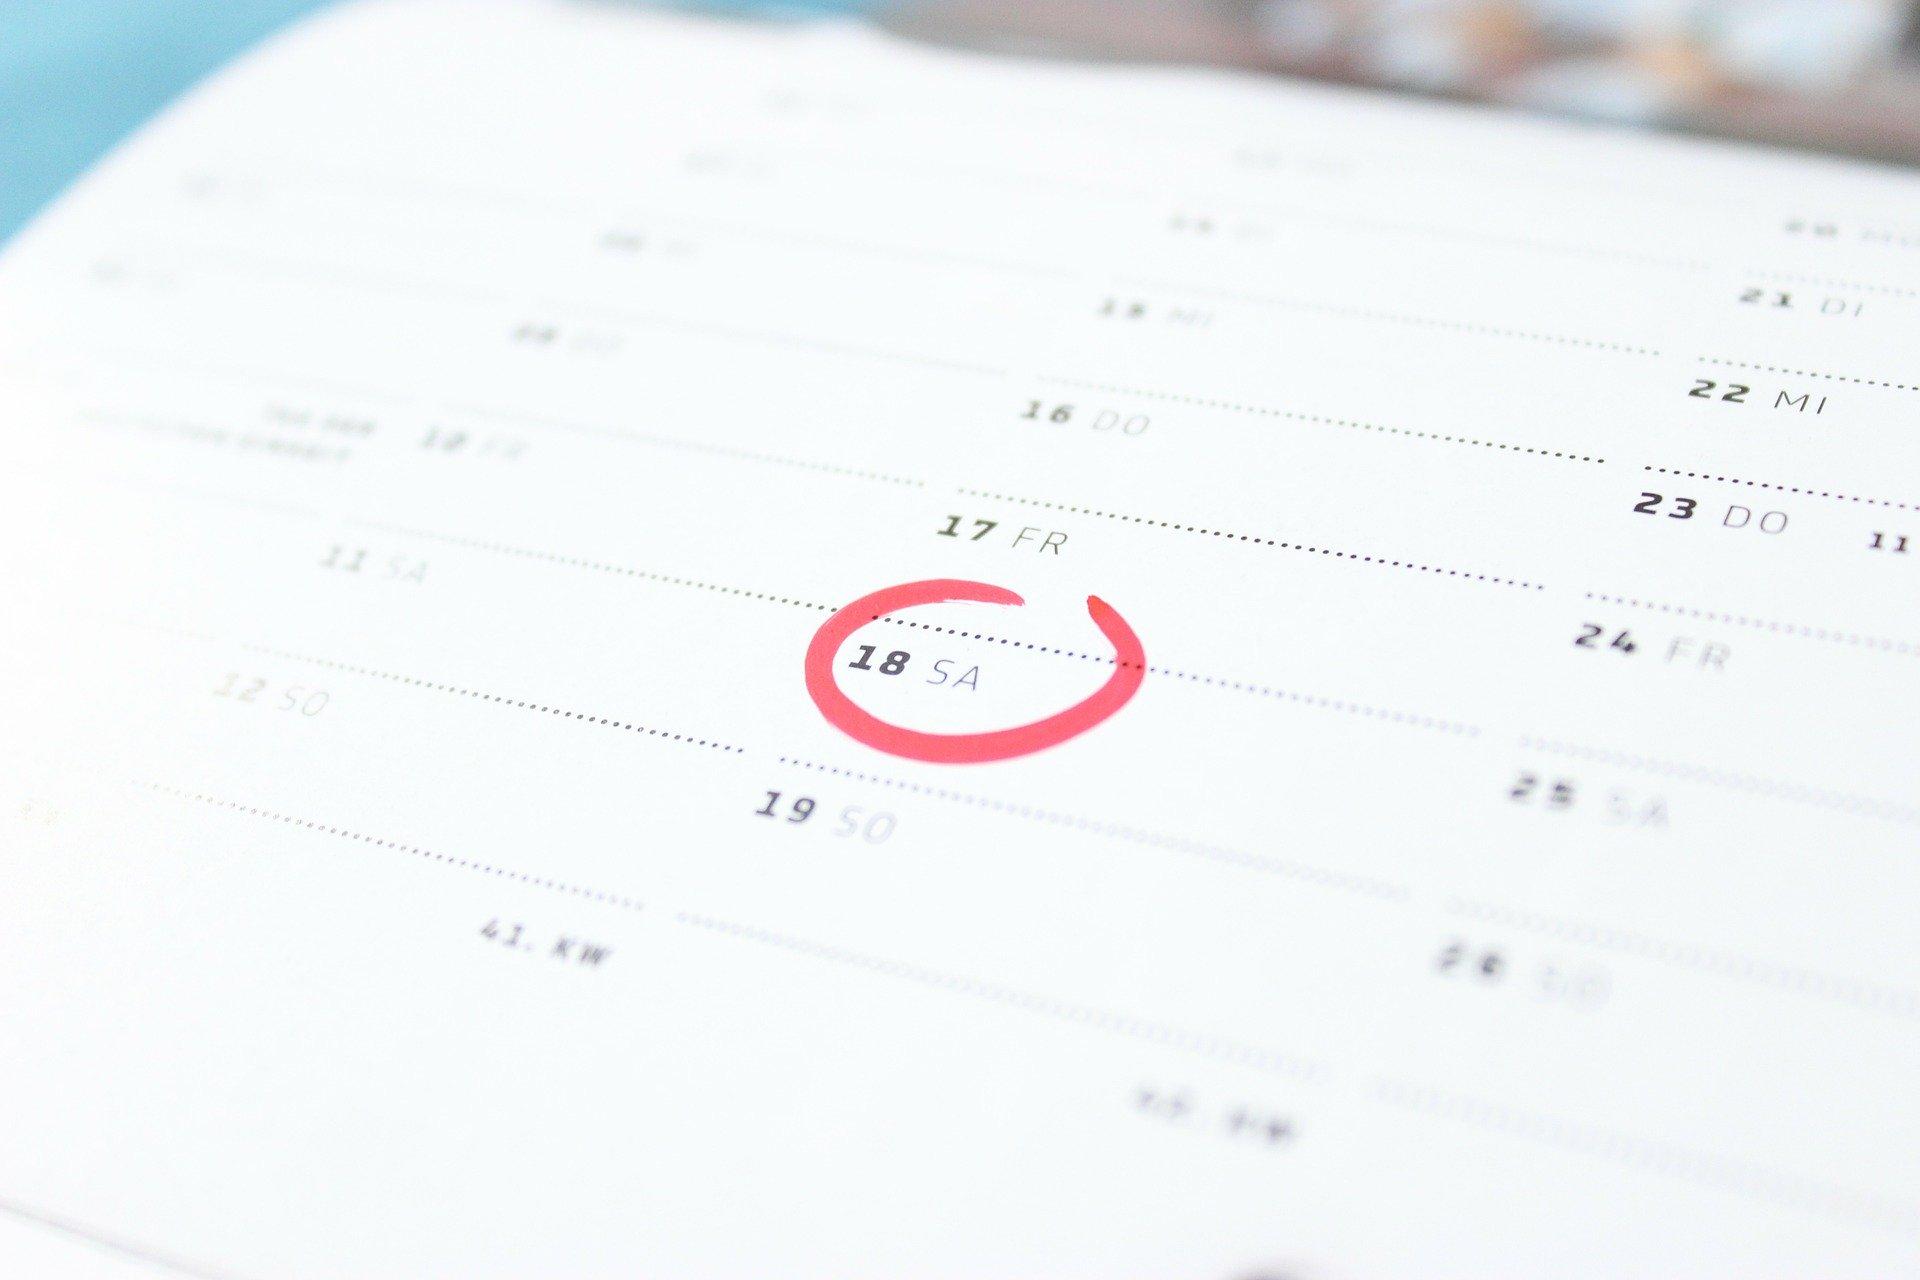 Interdit bancaire : Comment savoir la date de fin de l'interdiction?